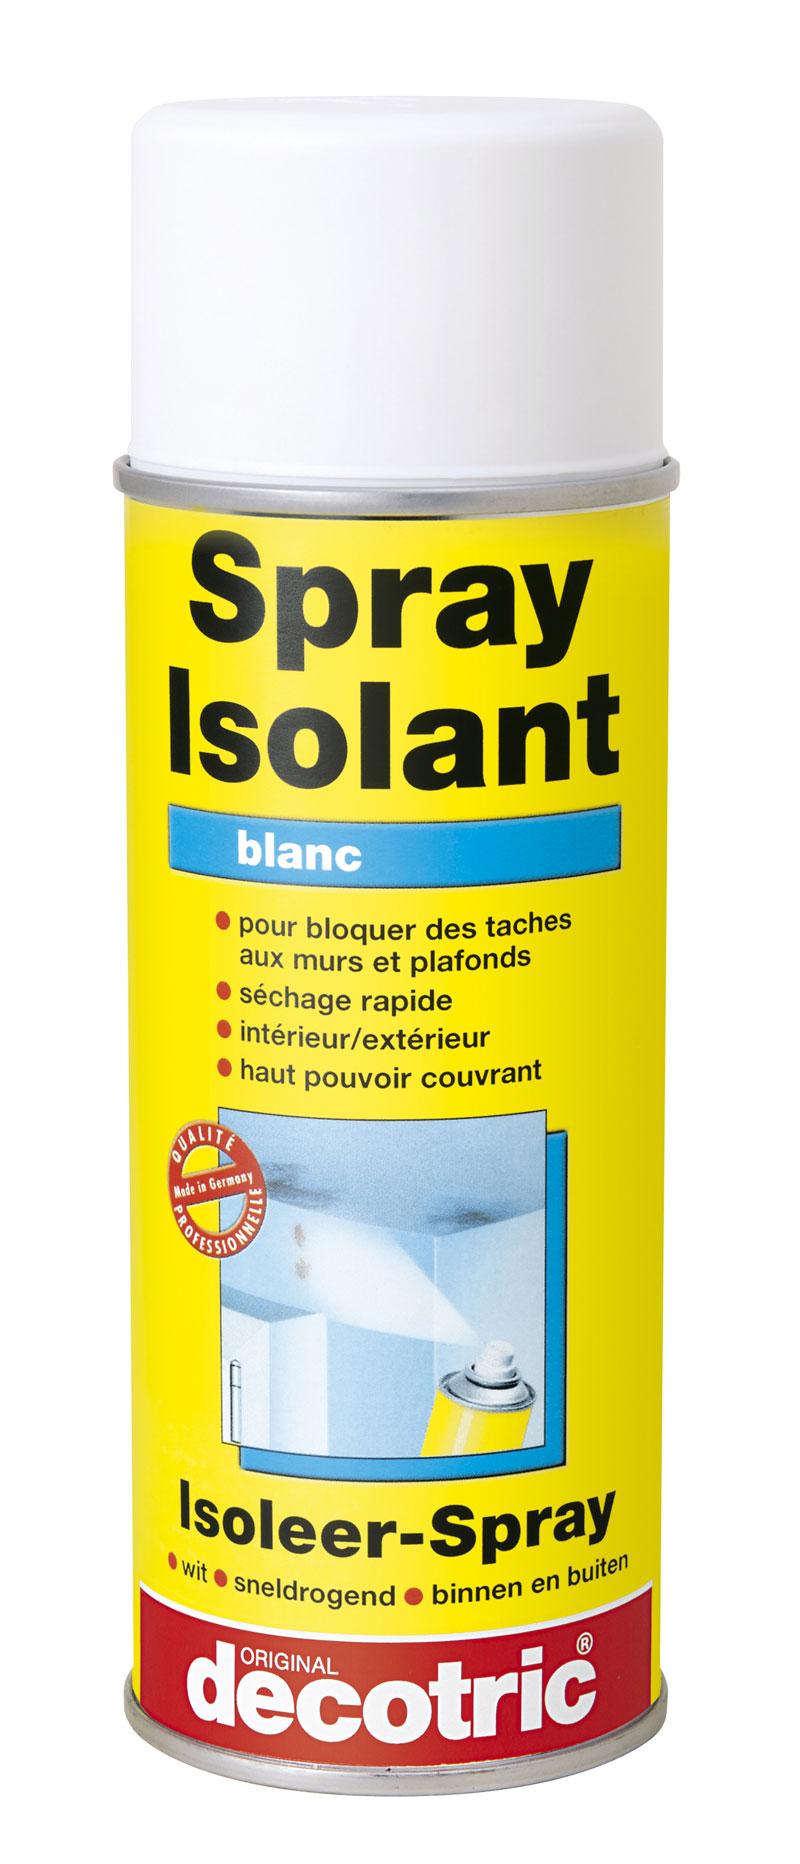 Spray isolant pour masquer les t ches 400ml avant mise - Peinture pour mur de garage ...